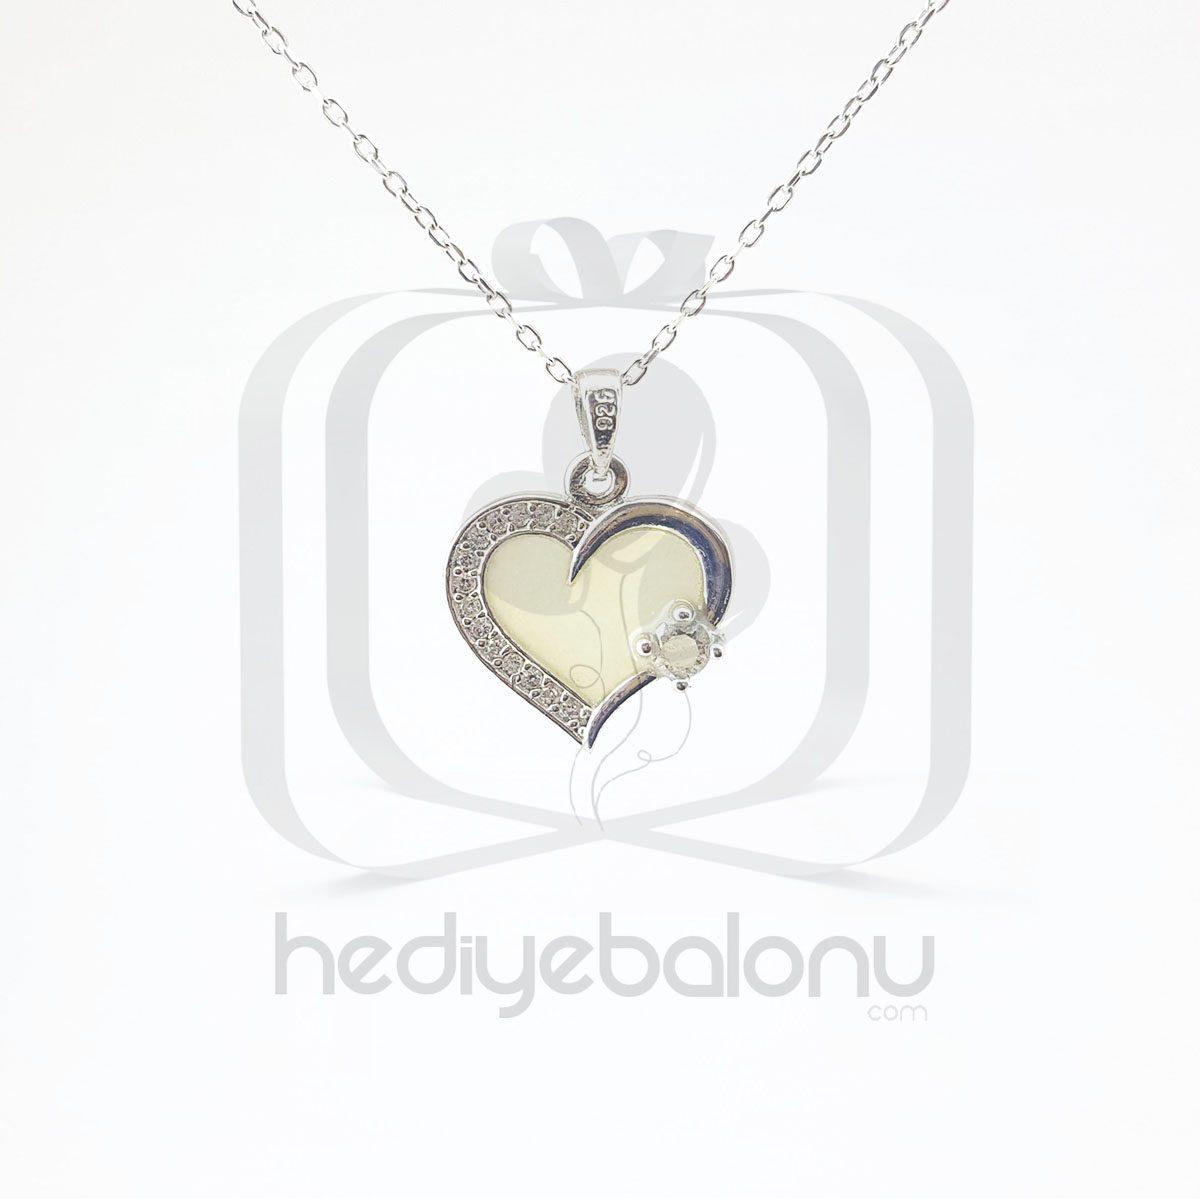 Karanlıkta Parlayan 925 Ayar Gümüş Neon Taşlı Kalp Kolye